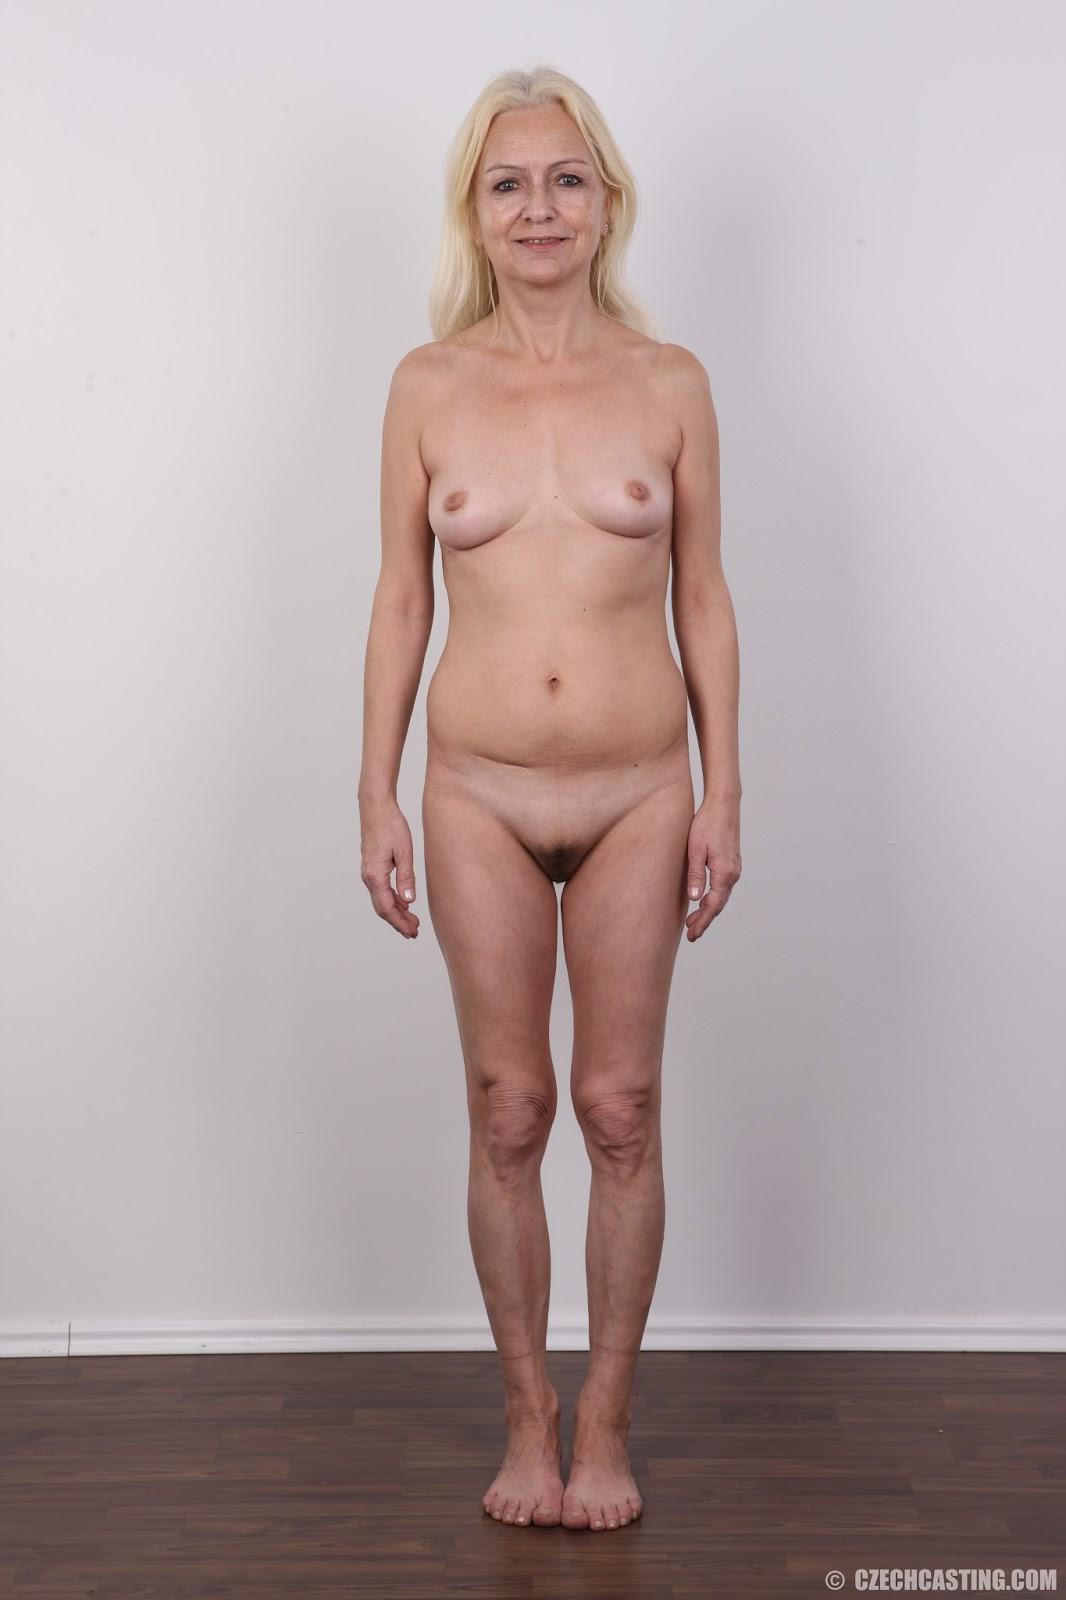 porncasting-older-women